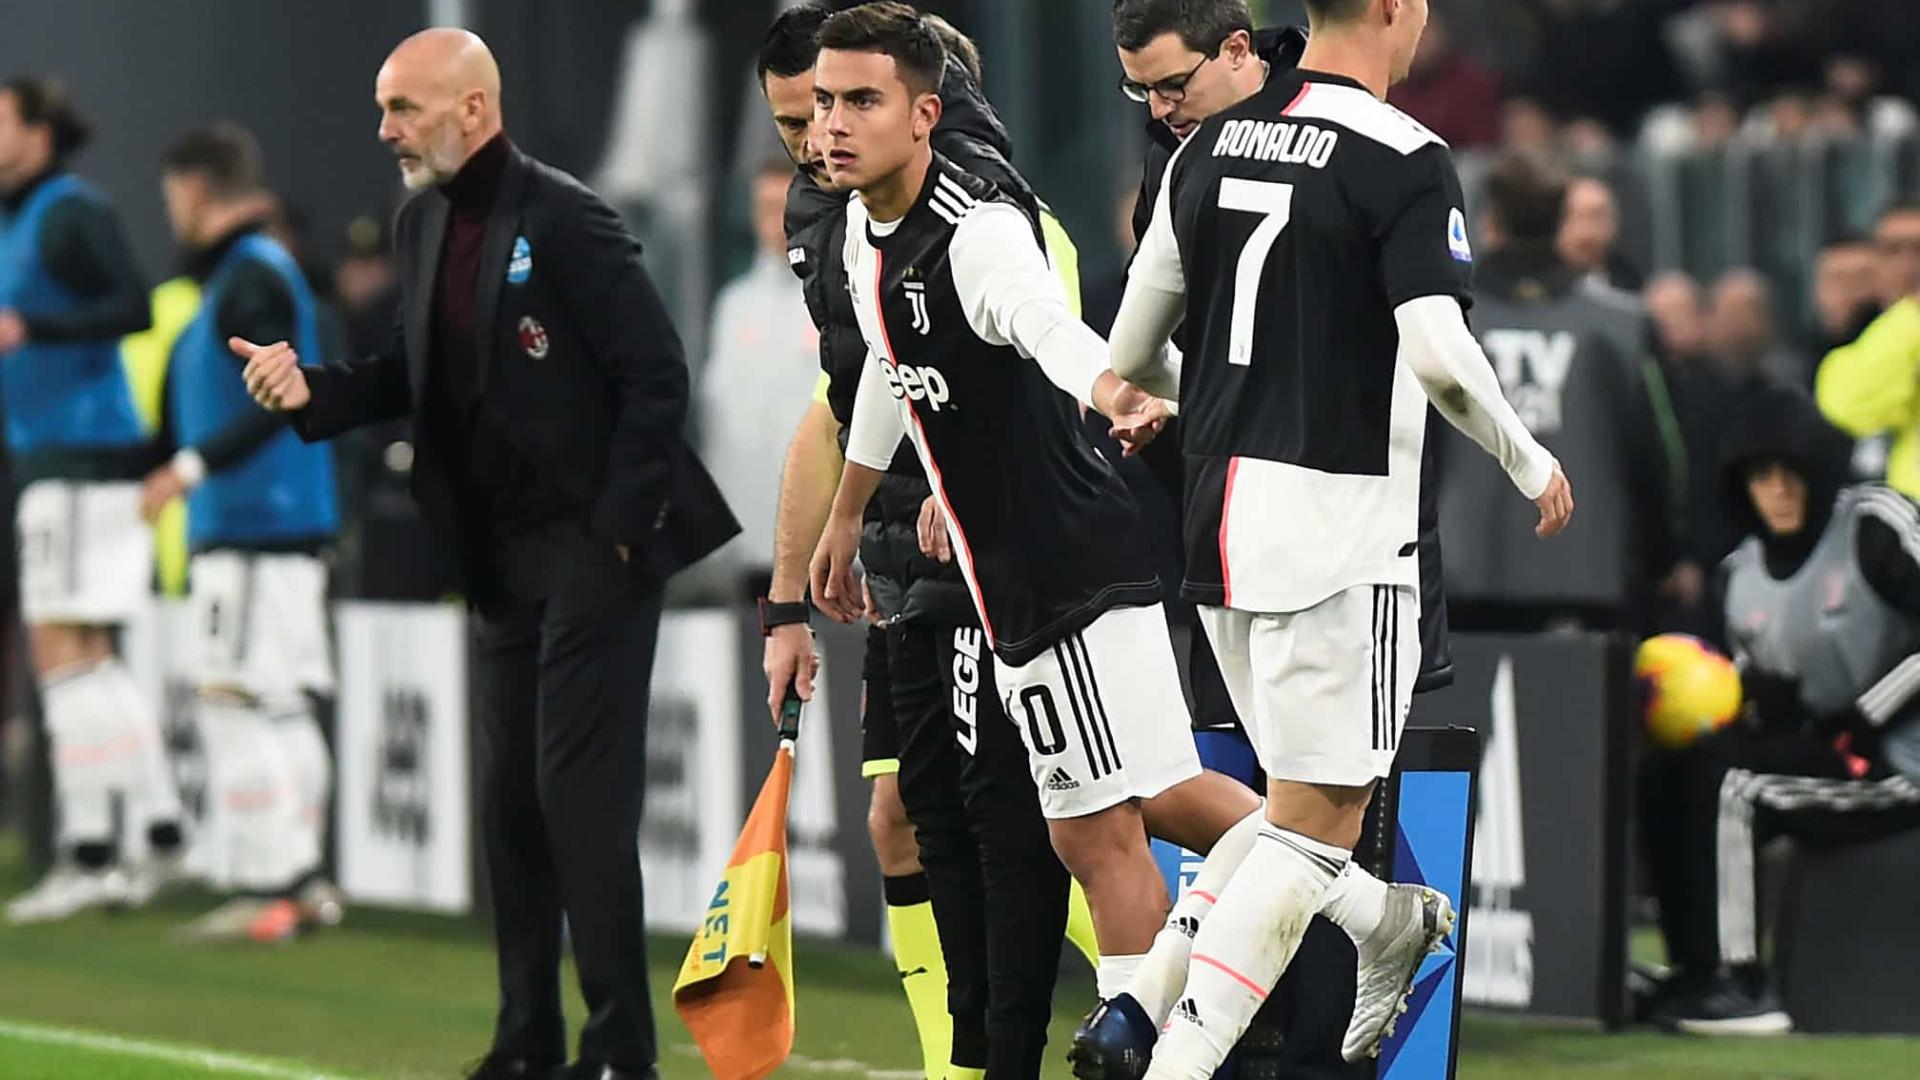 """CR7 arrasado por campeão do mundo italiano: """"Não há lógica no que disse"""""""